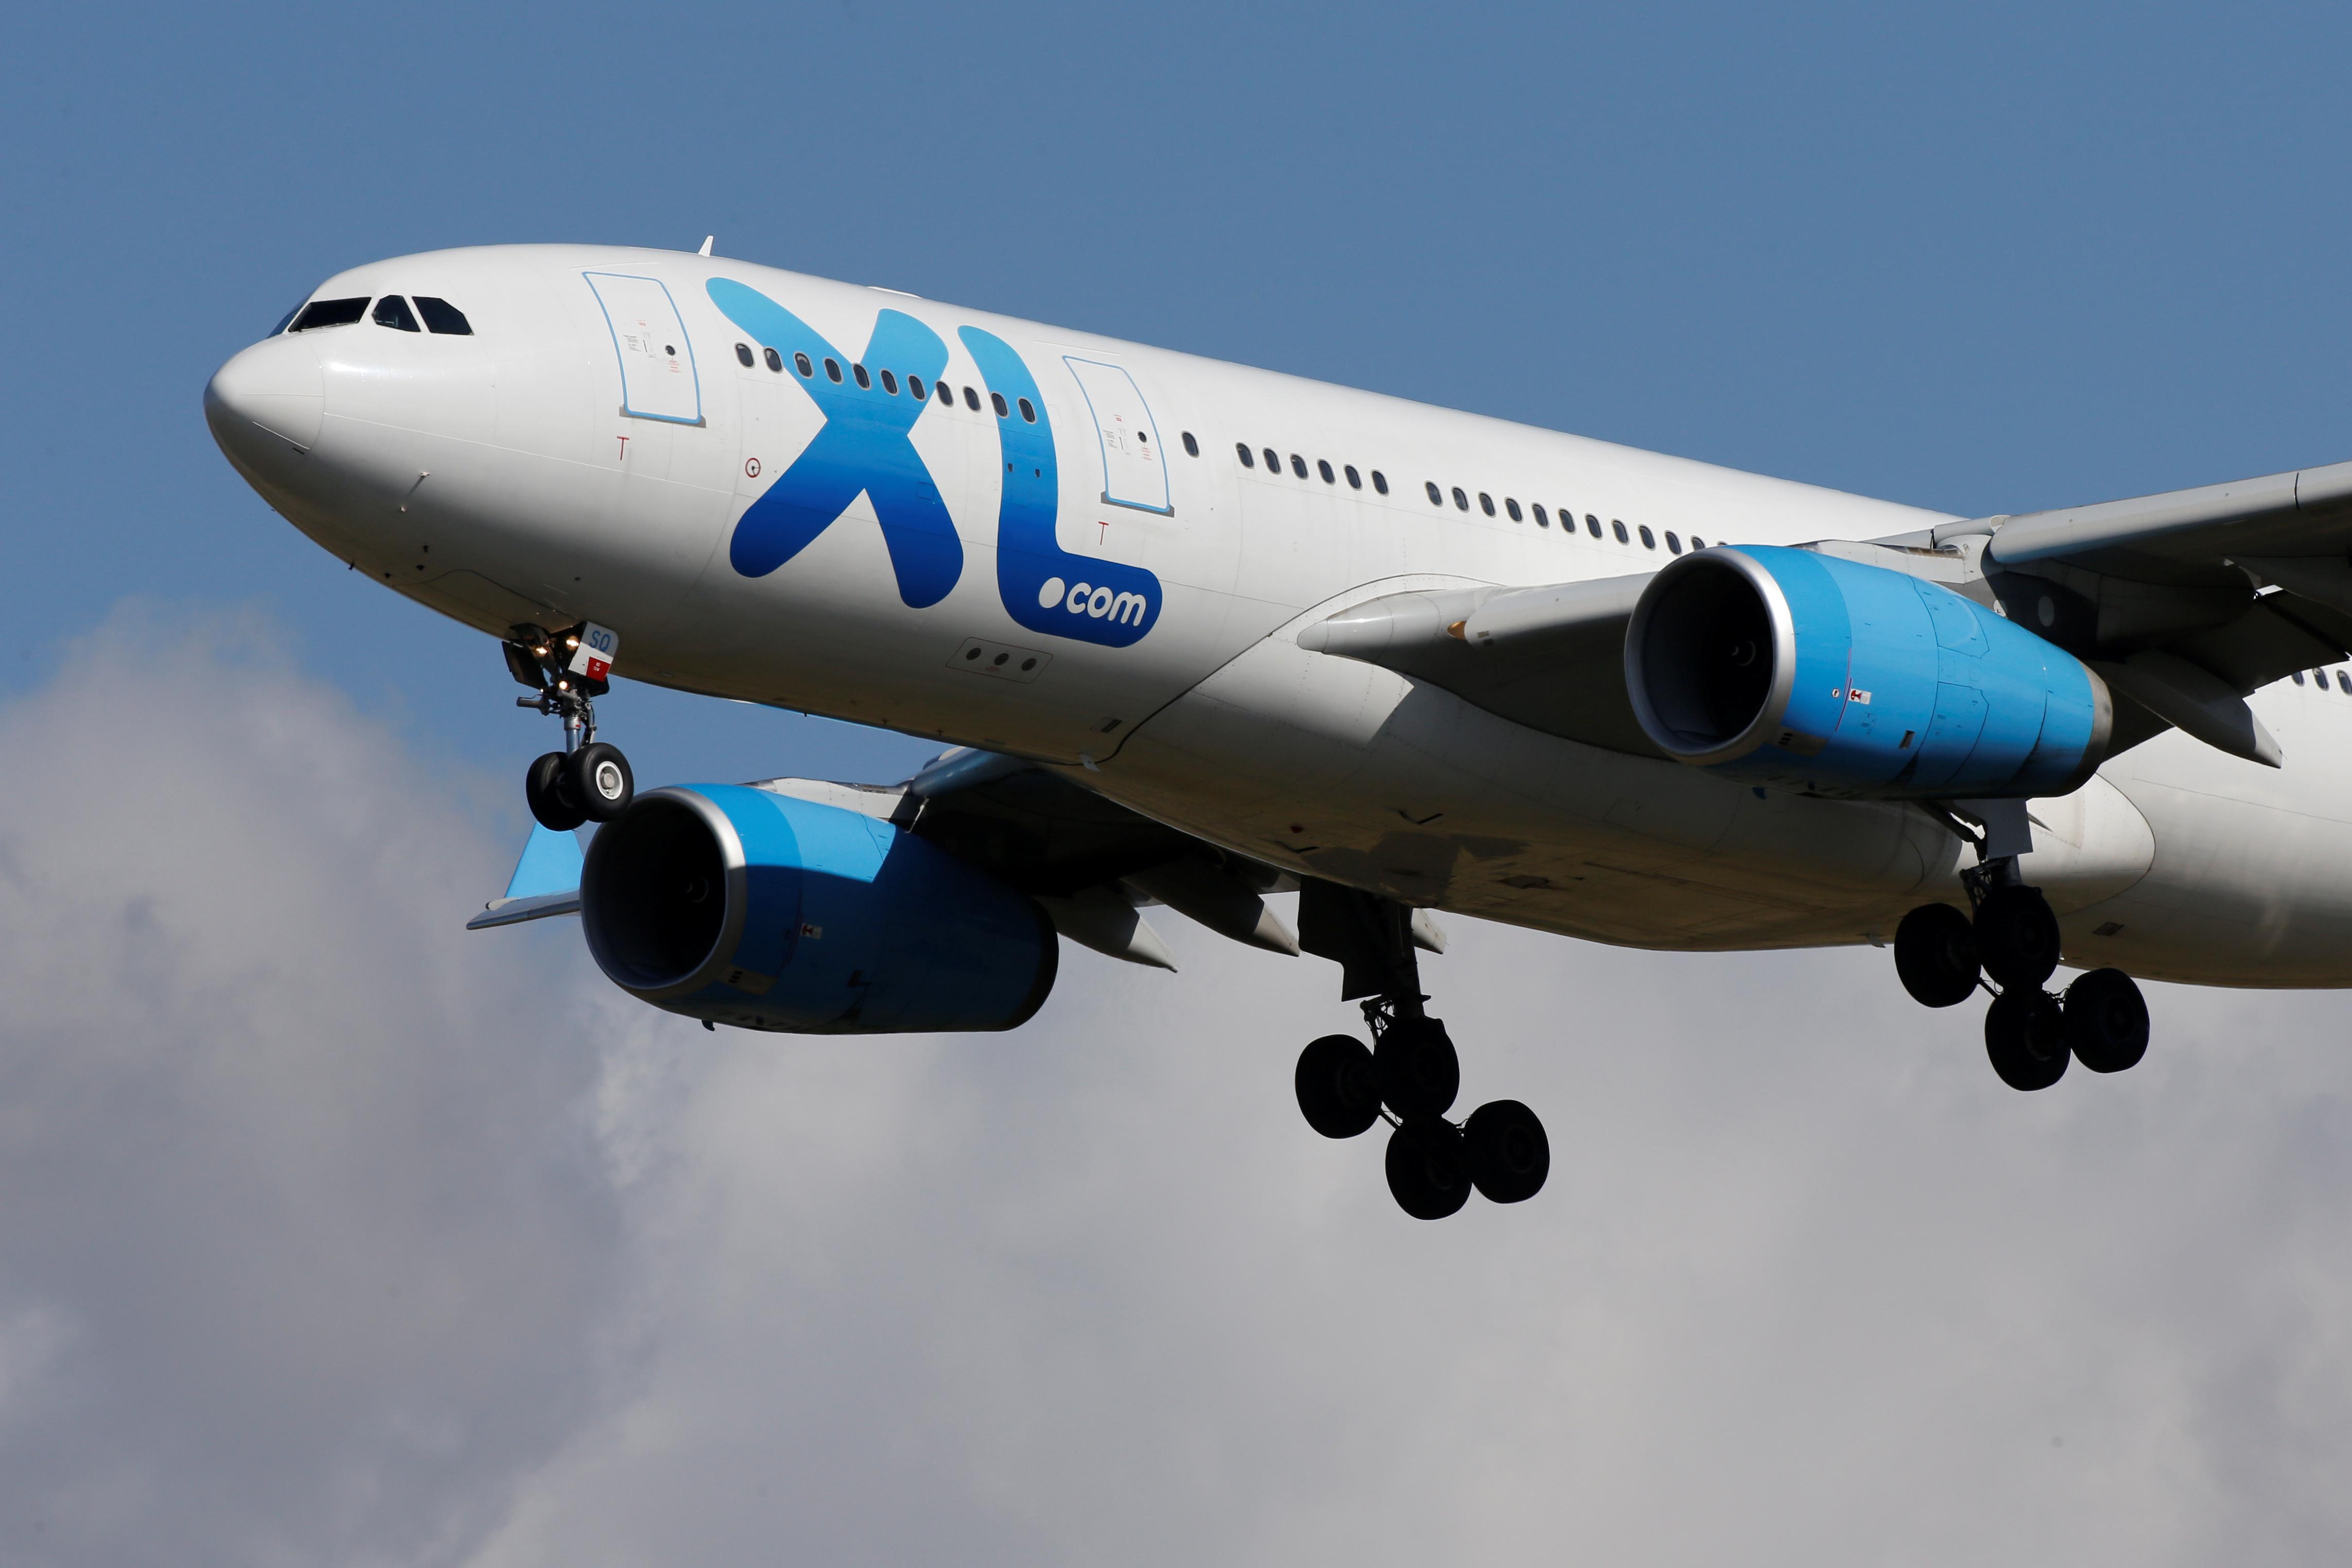 Le Tribunal de commerce de Bobigny a prononcé vendredi la liquidation judiciaire de la compagnie aérienne française XL Airways. /Photo prise le 23 septembre 2019/REUTERS/Pascal Rossignol